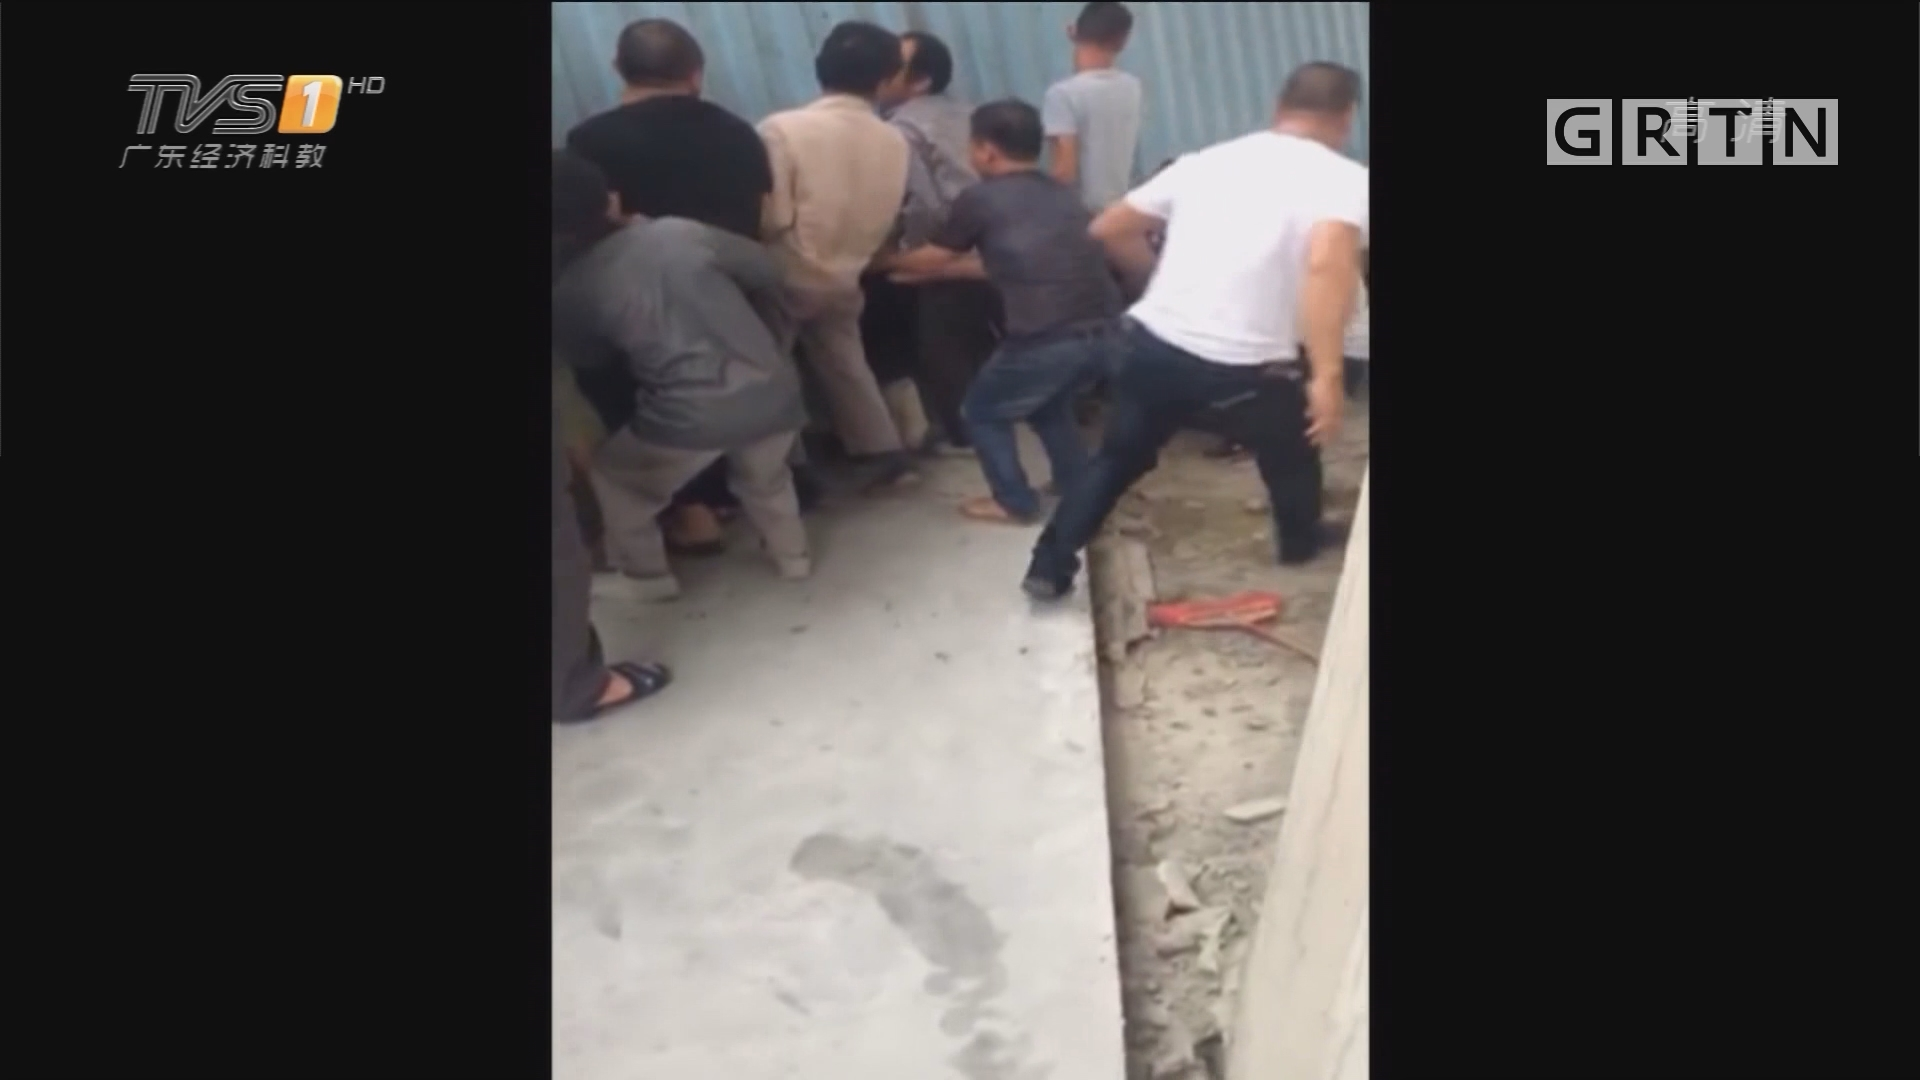 潮州潮安:集装箱侧翻女子被压 近百街坊抬箱救人